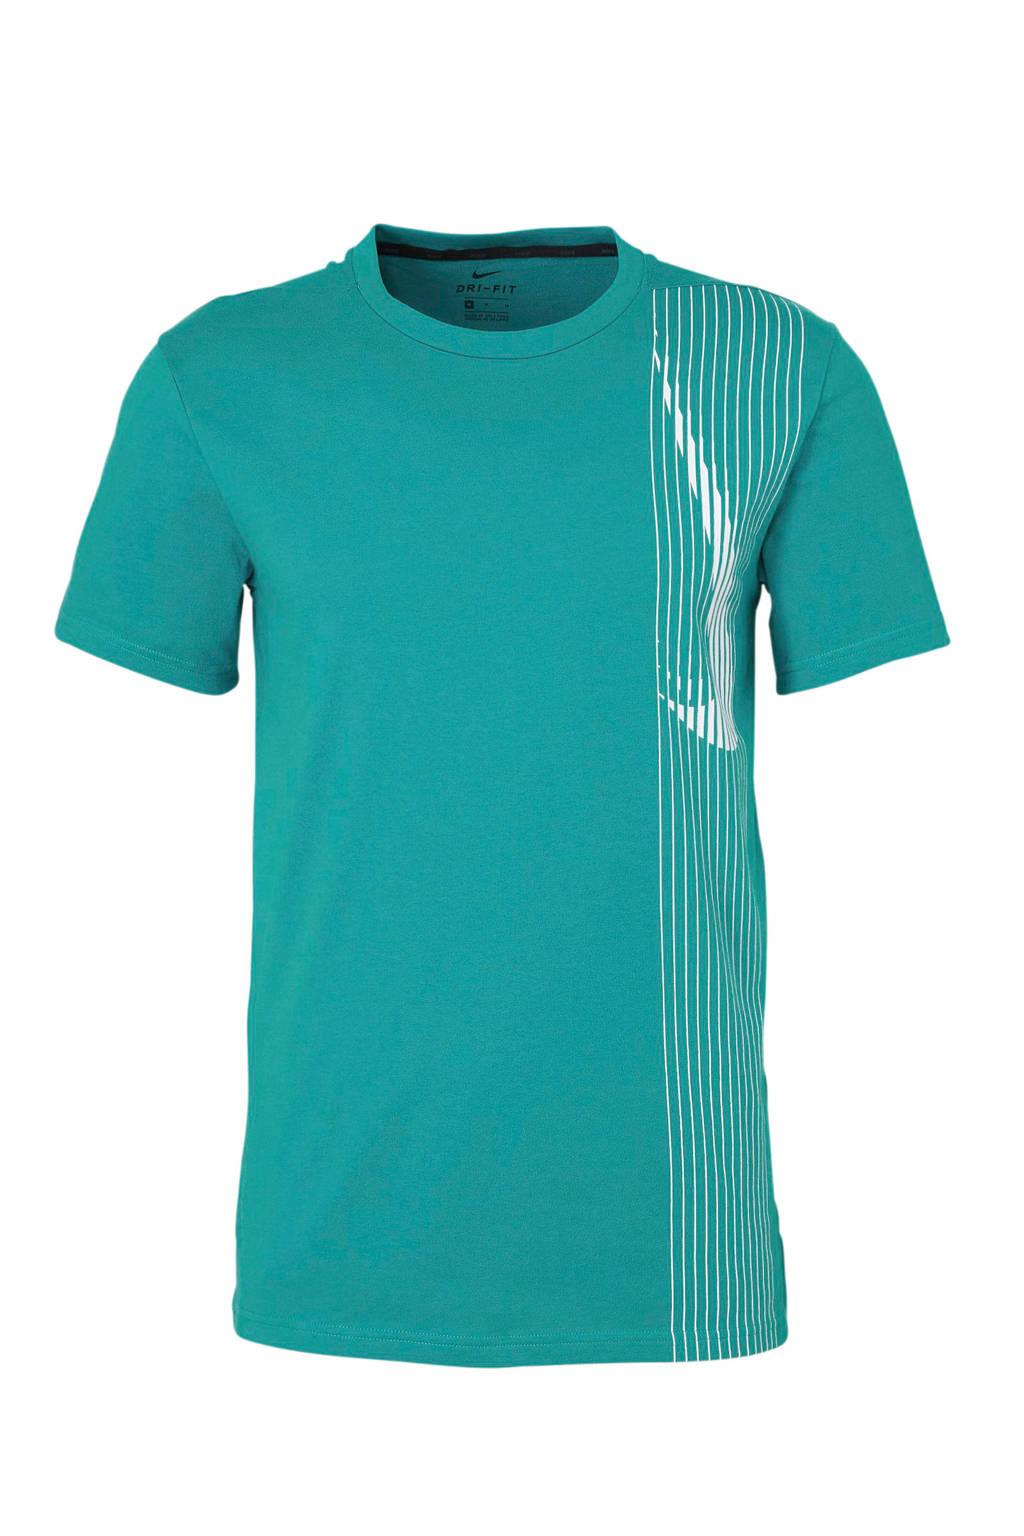 Nike   sport T-shirt aquablauw